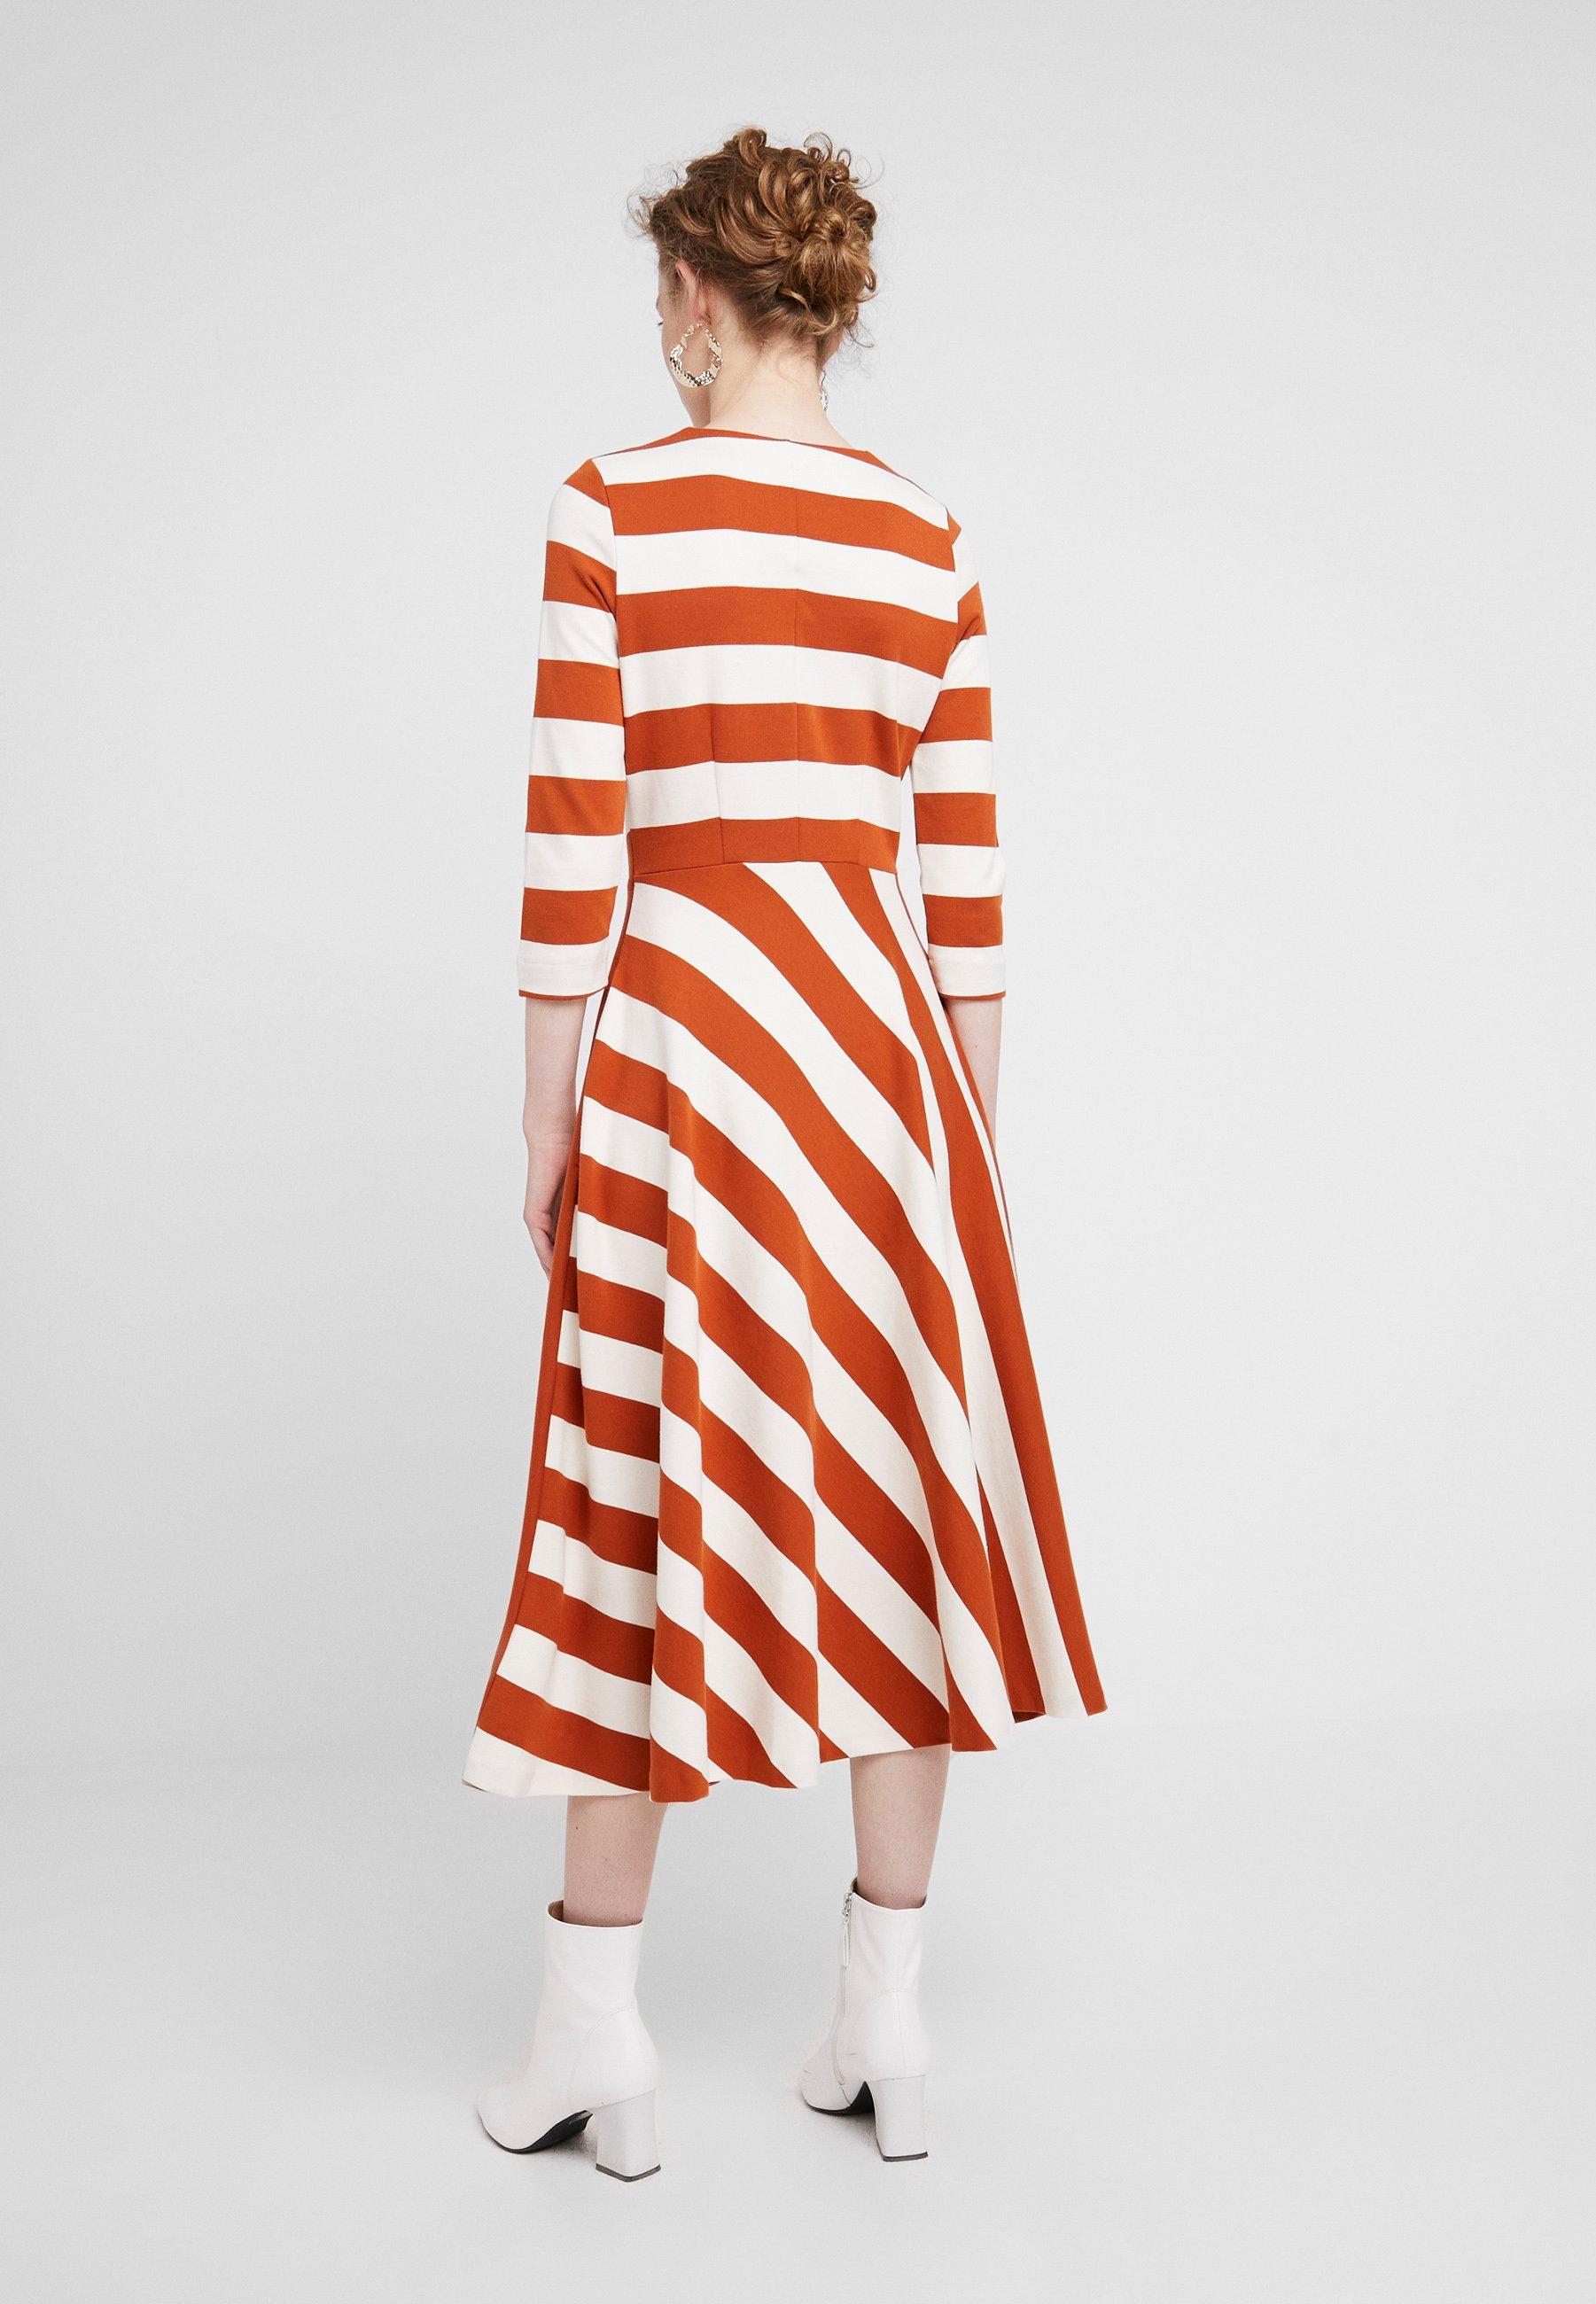 Werone Skirt Cirkle Jersey Nougat rust DressRobe En French Inwear 8n0kPwOX